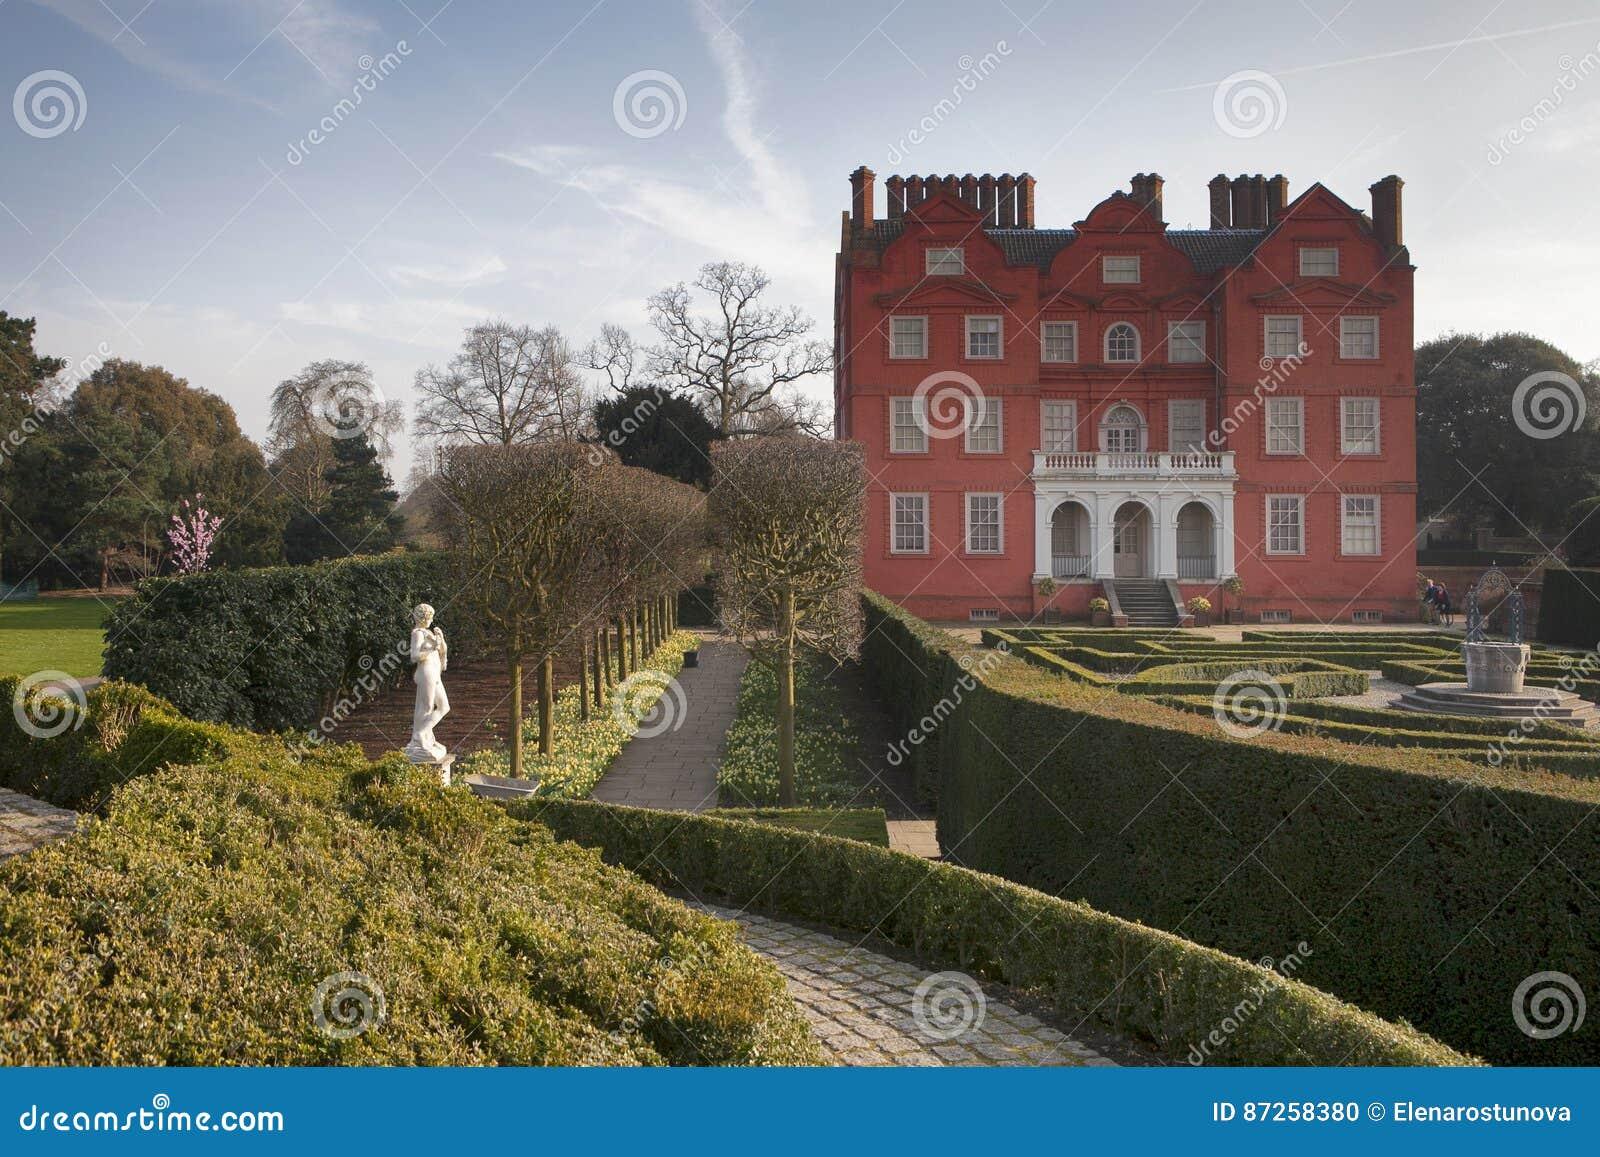 The Kew Palace In Kew Gardens Royal Botanical Gardens London England ...